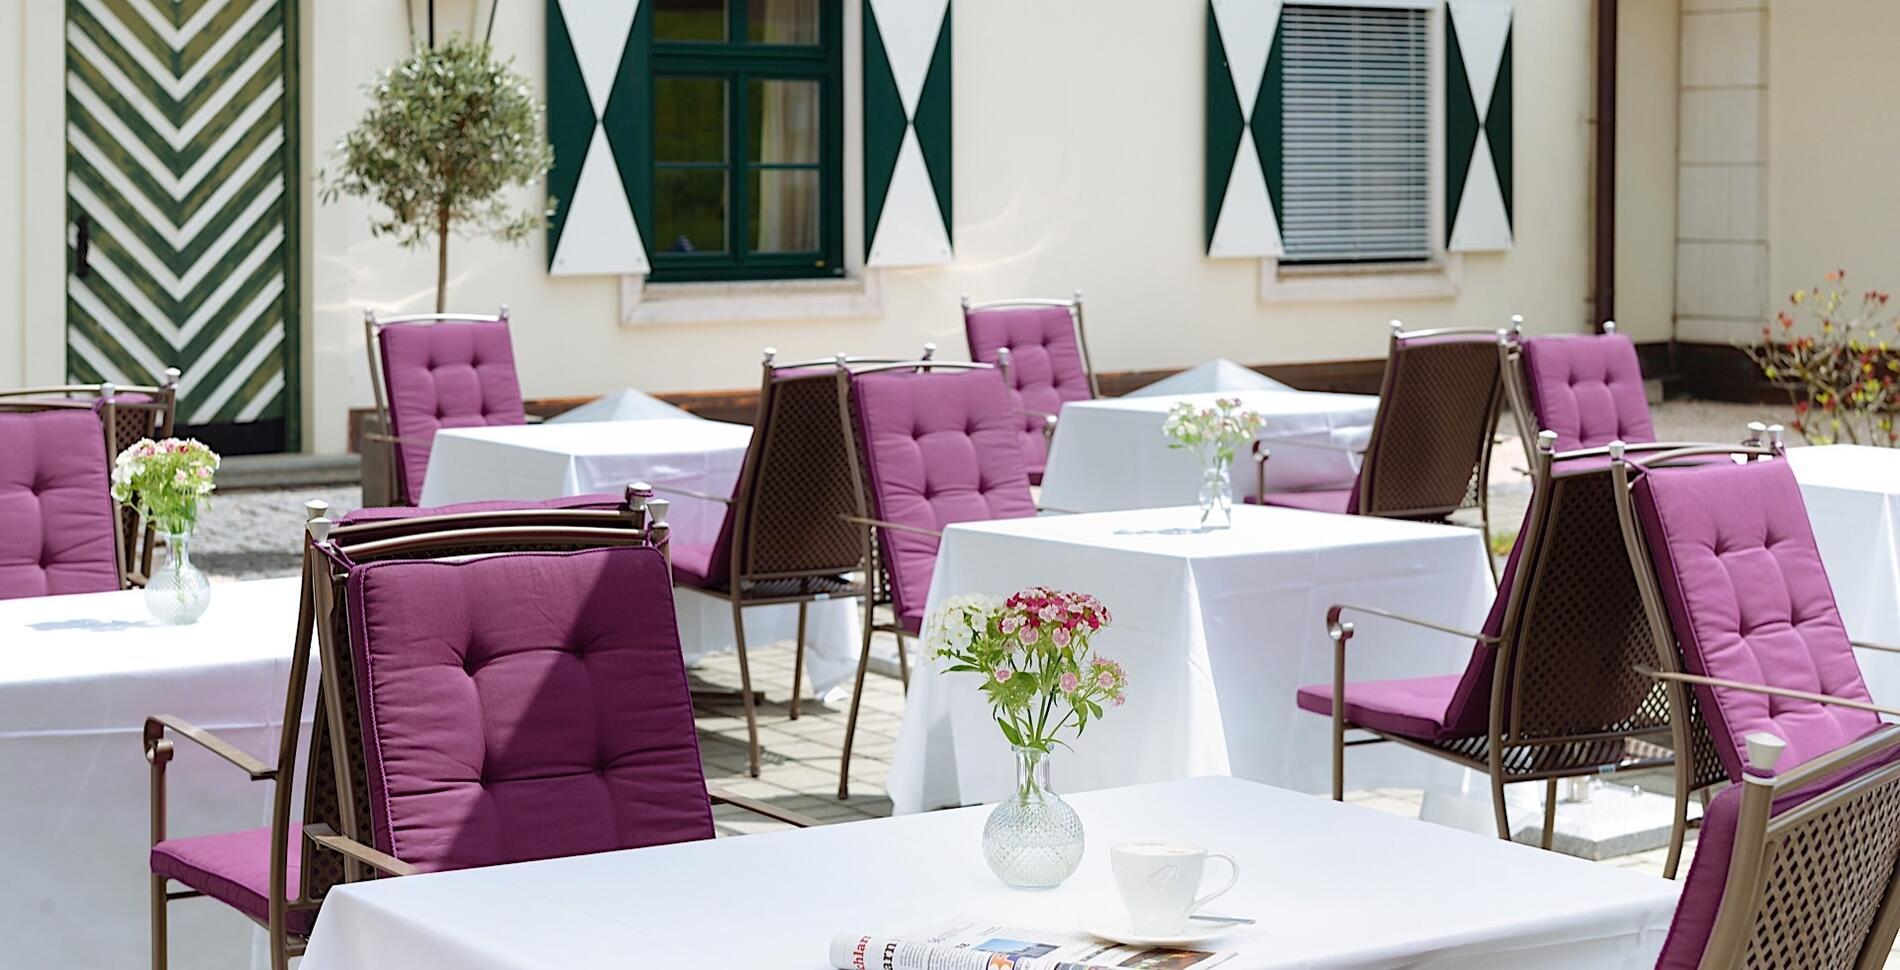 Schloss Restaurant Terrace at Romantik Hotel Schloss Pichlarn, A